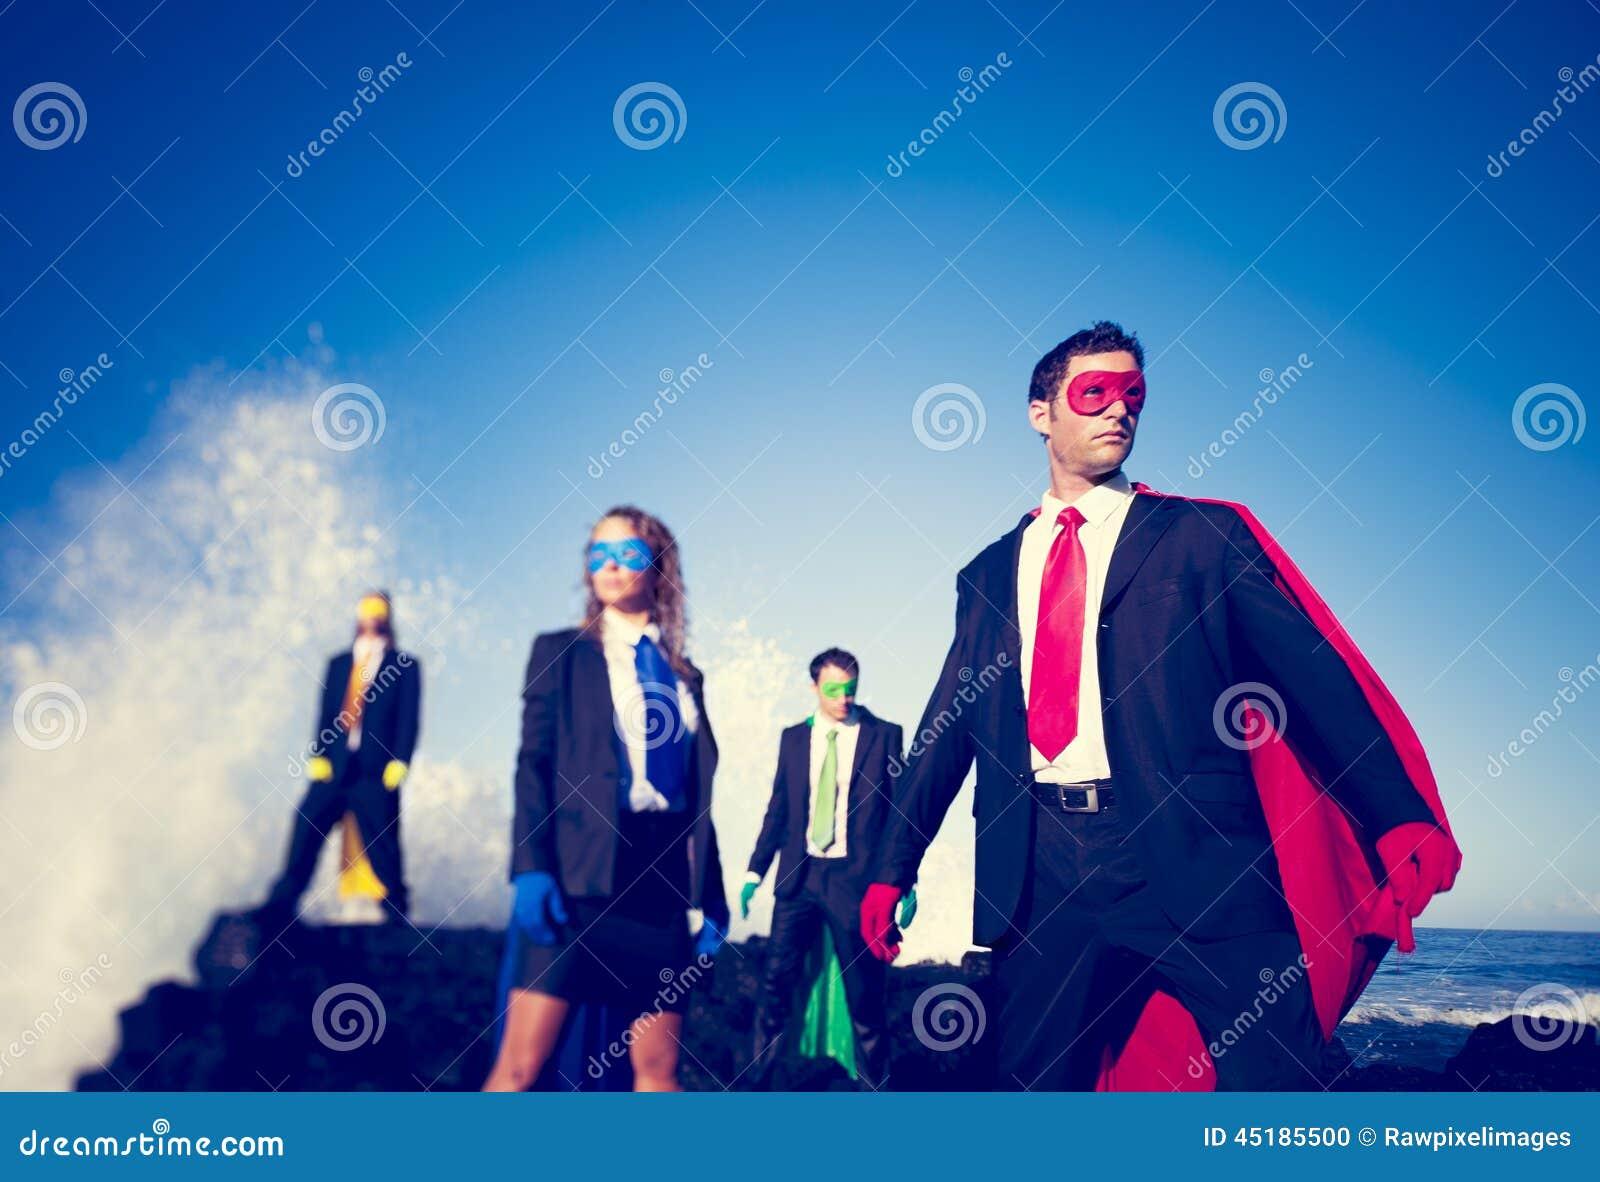 Zaken superheroes op het strand